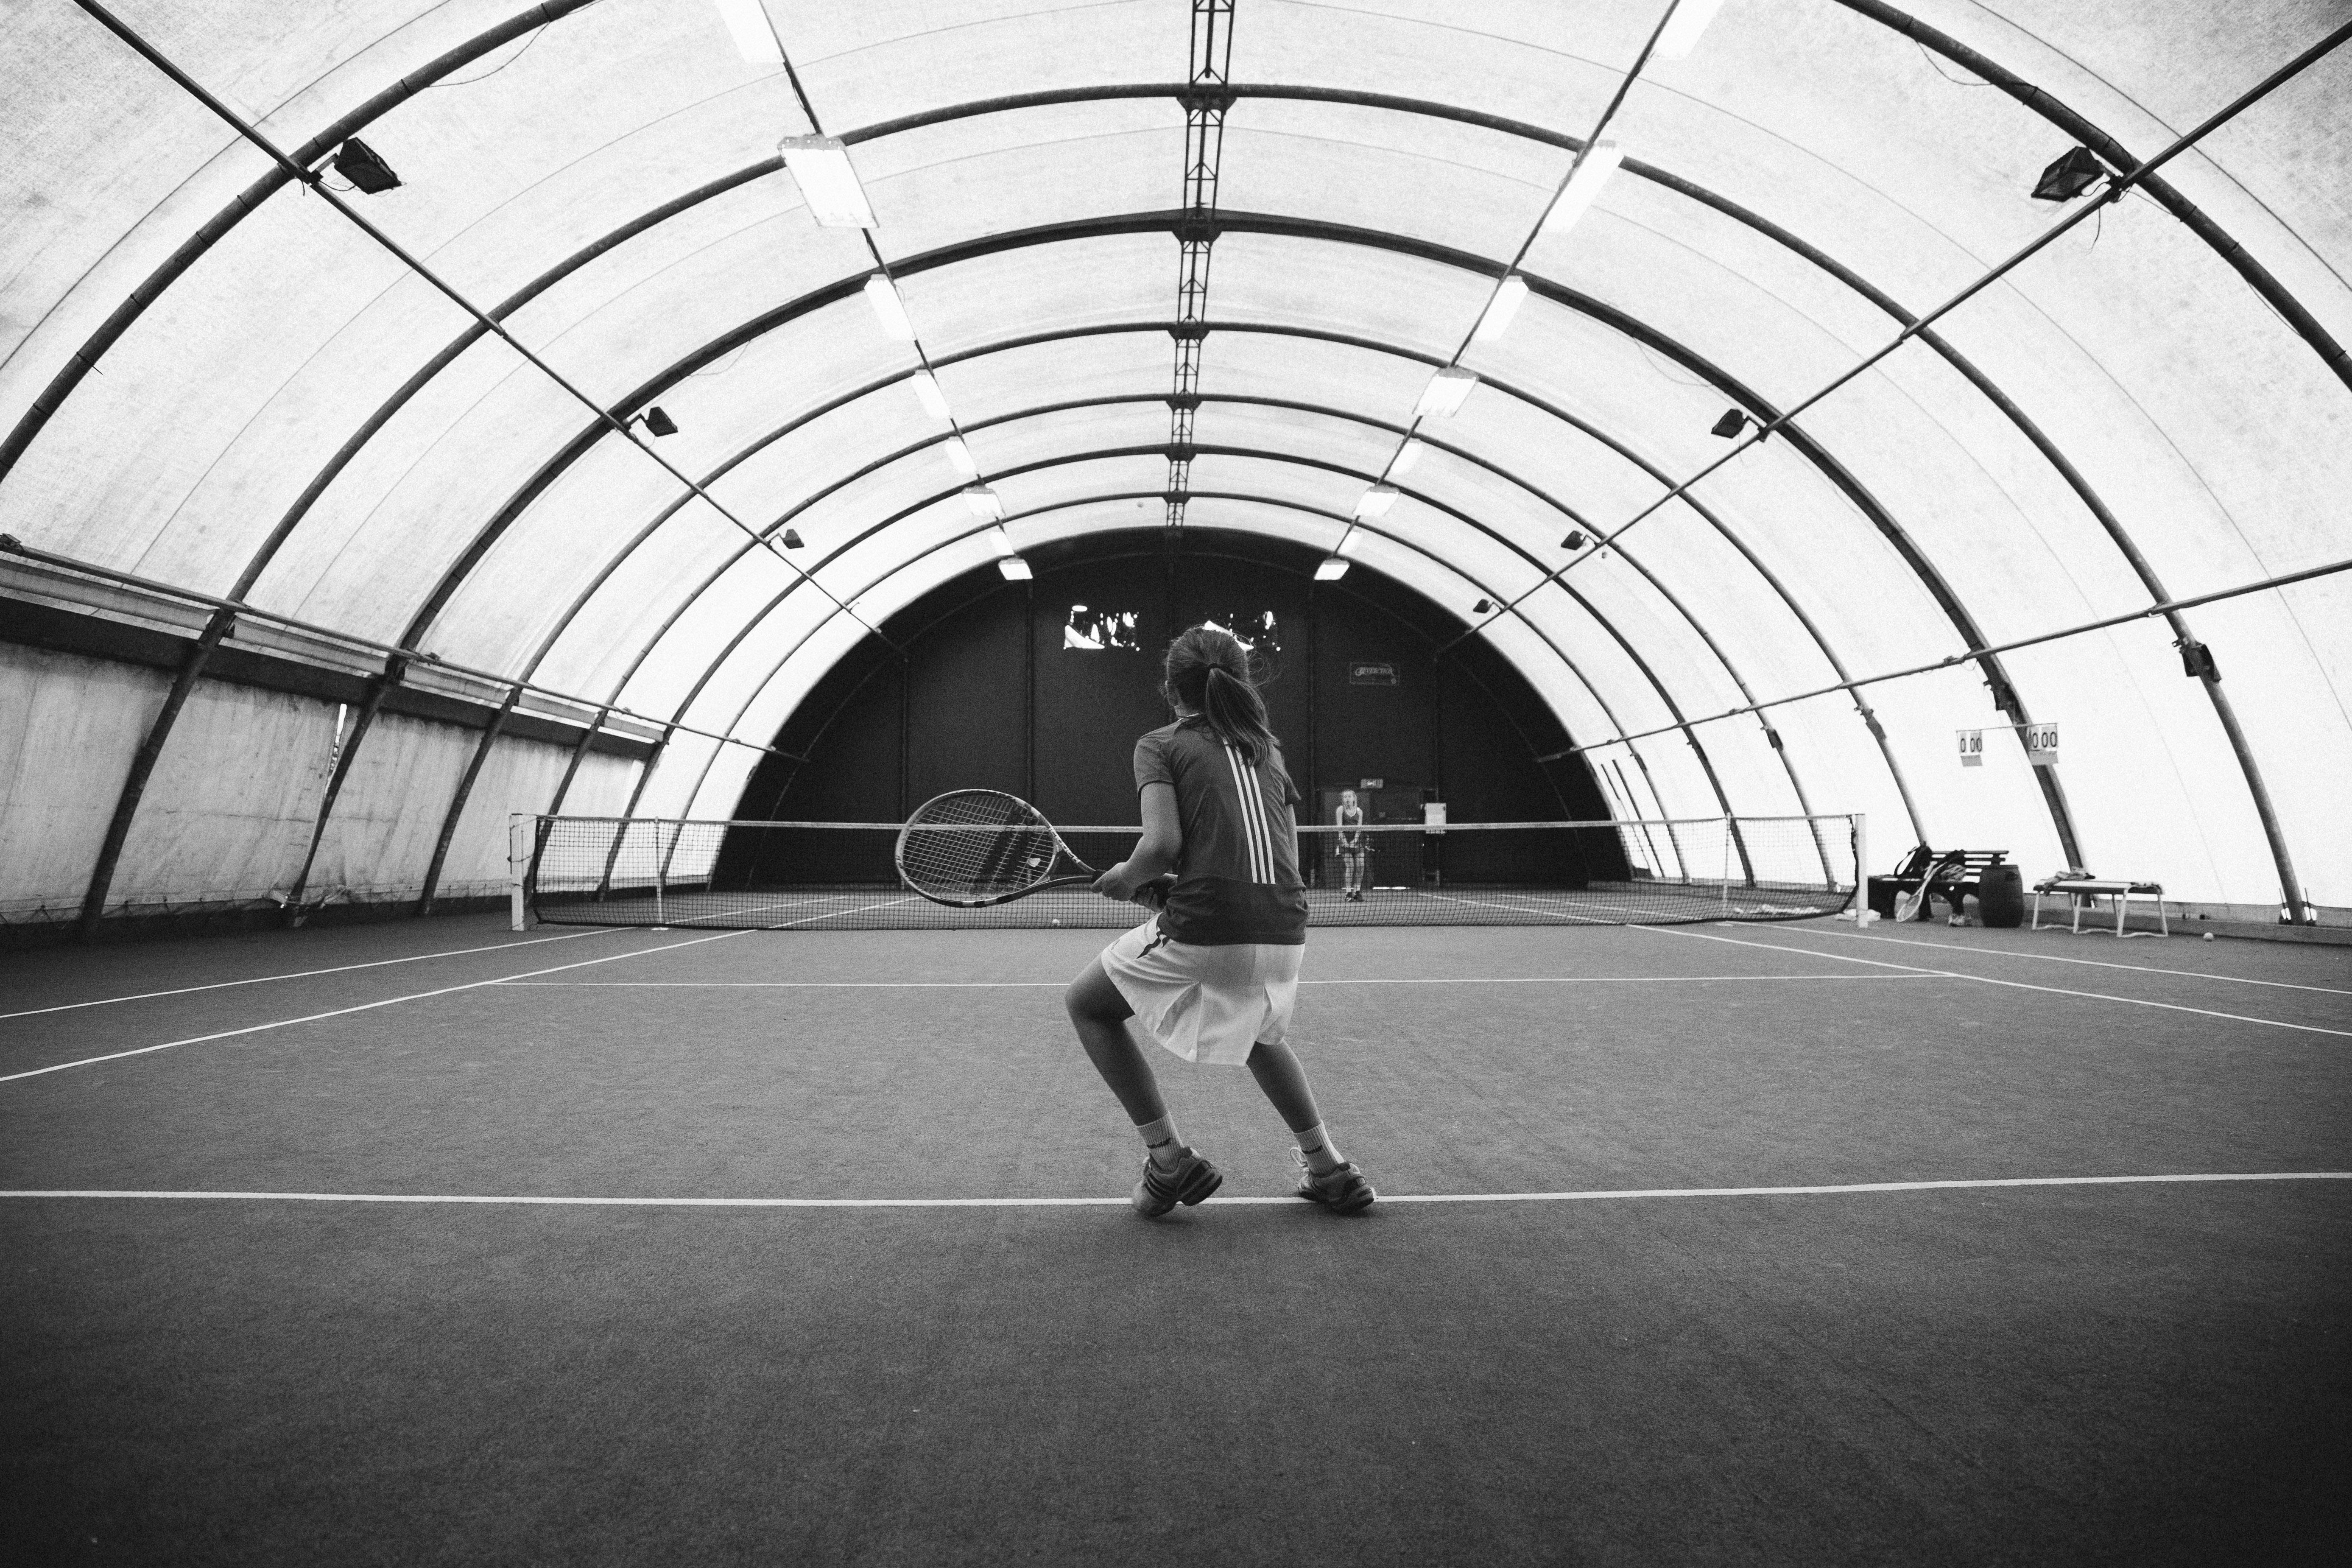 stage de tennis en angleterre